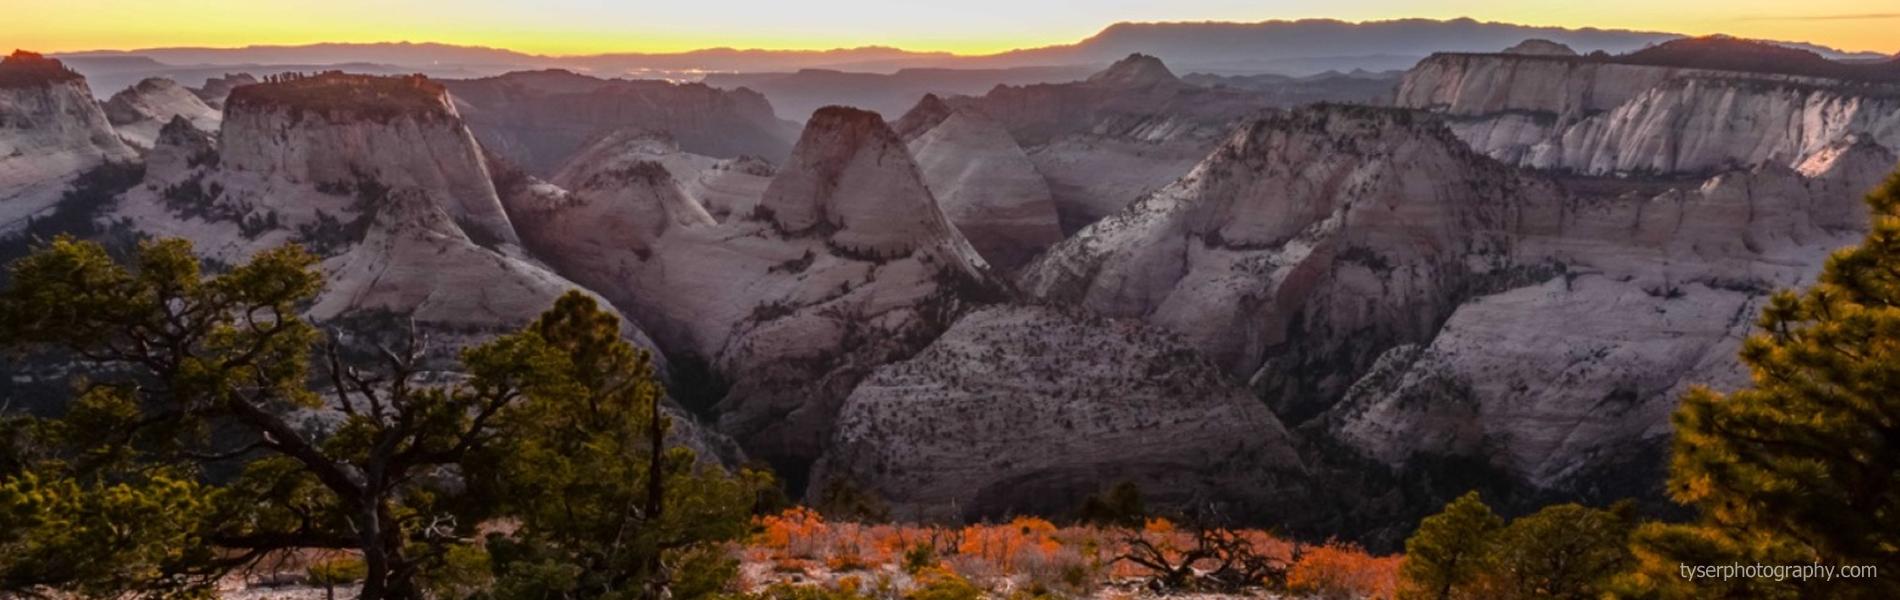 sun setting on mountainous terrain